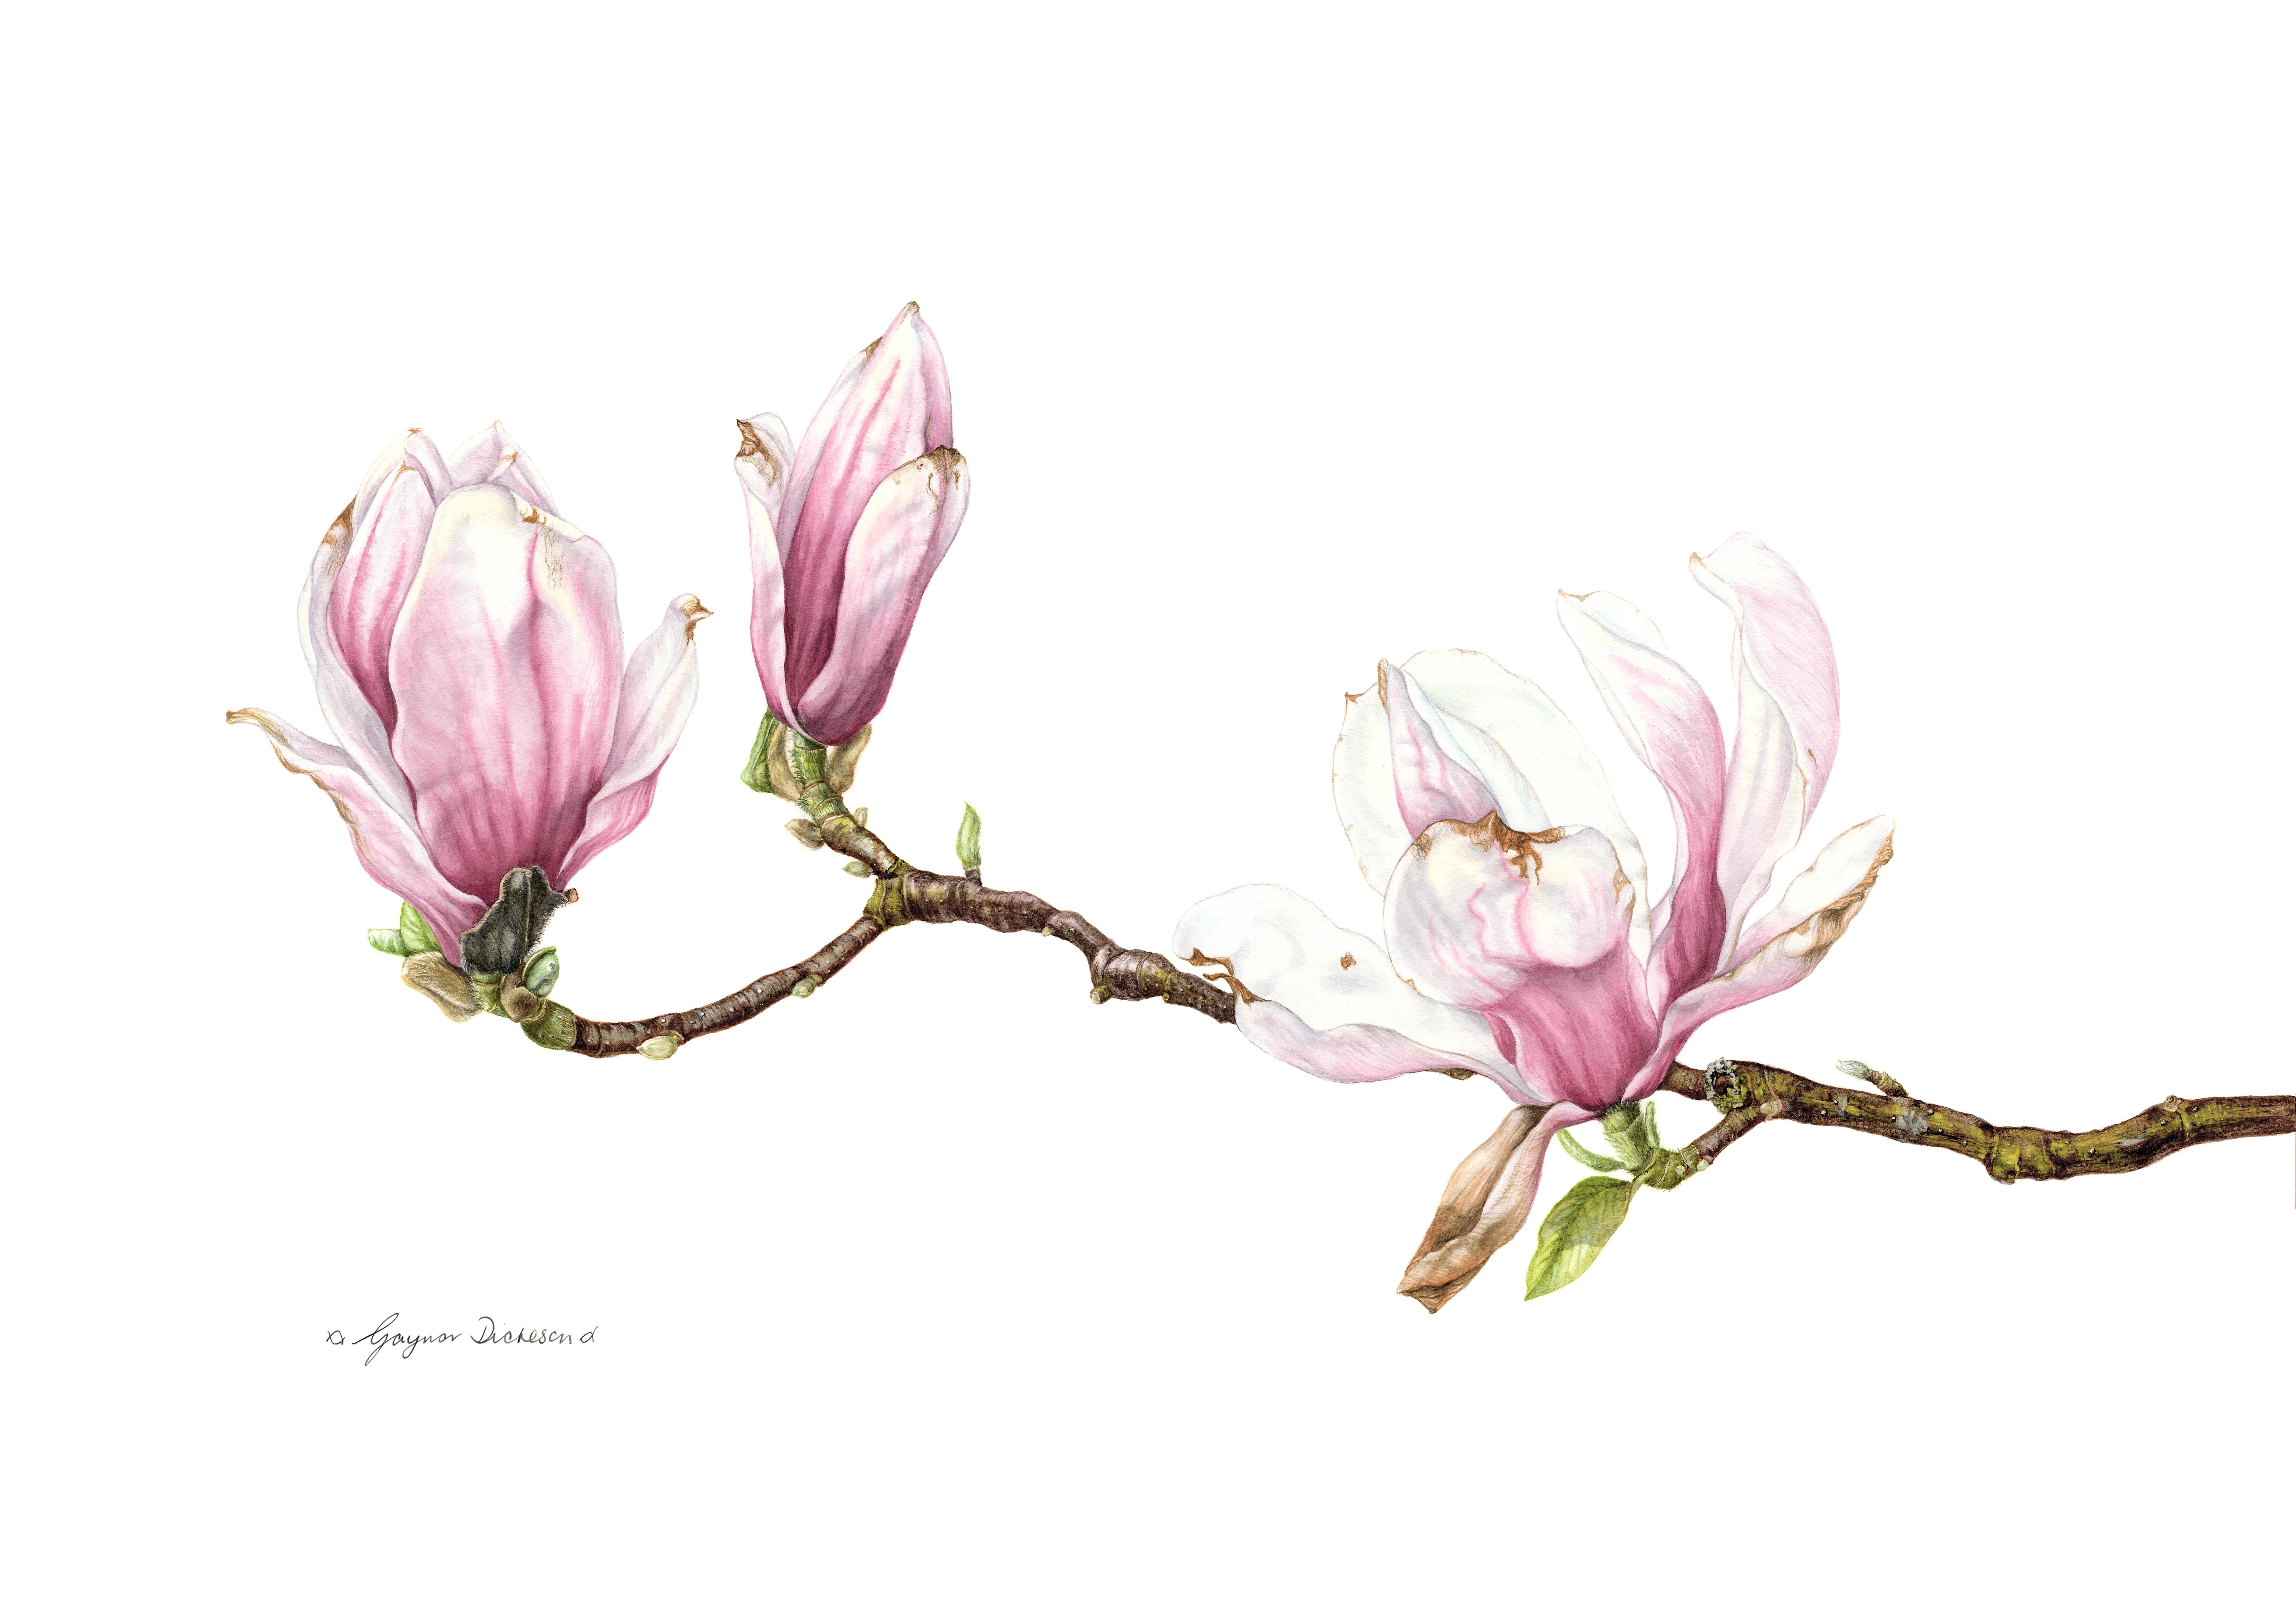 Den Norske forening for botaniske kunstnere